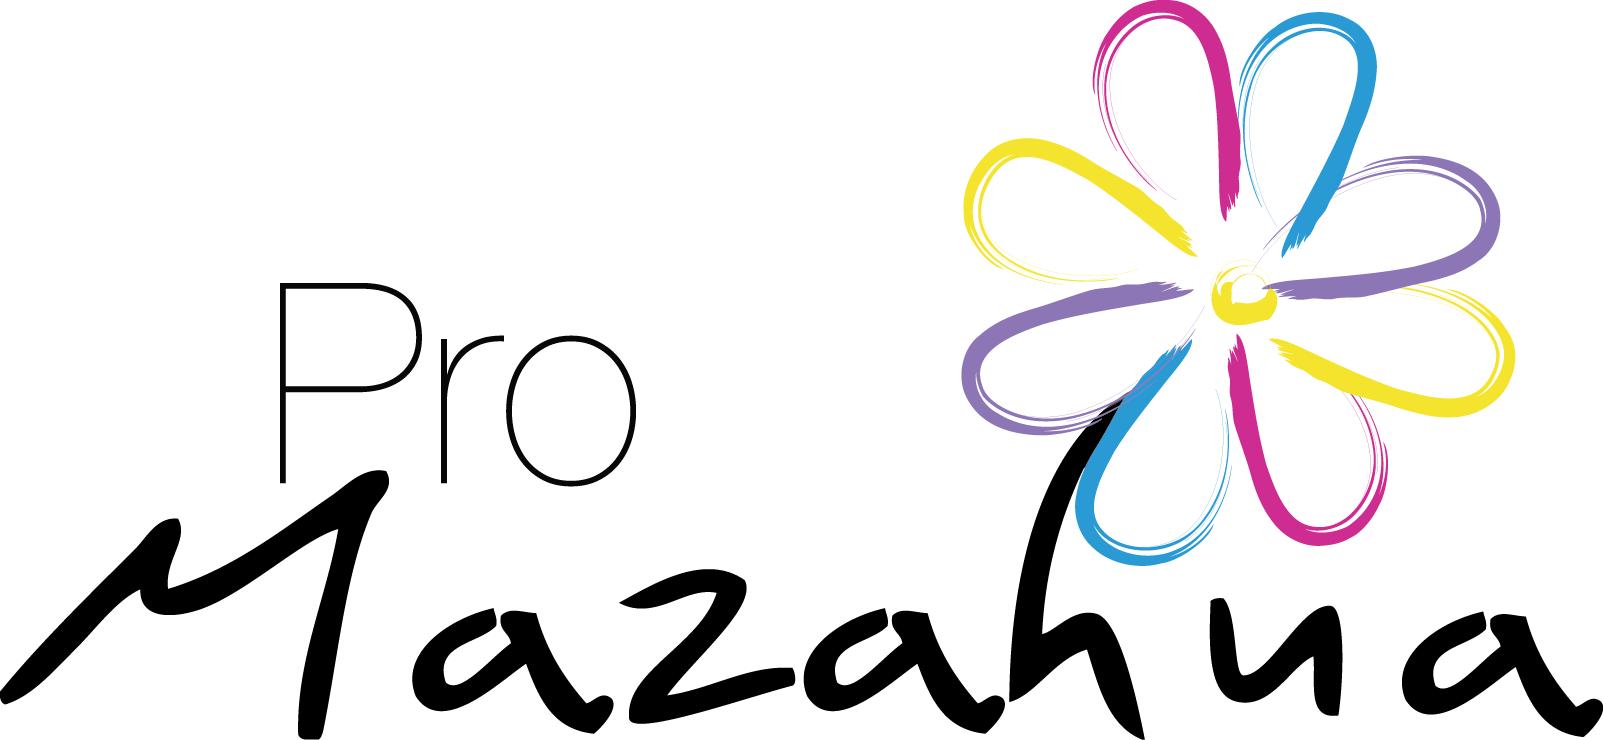 Fundación Pro Zona Mazahua, I.A.P